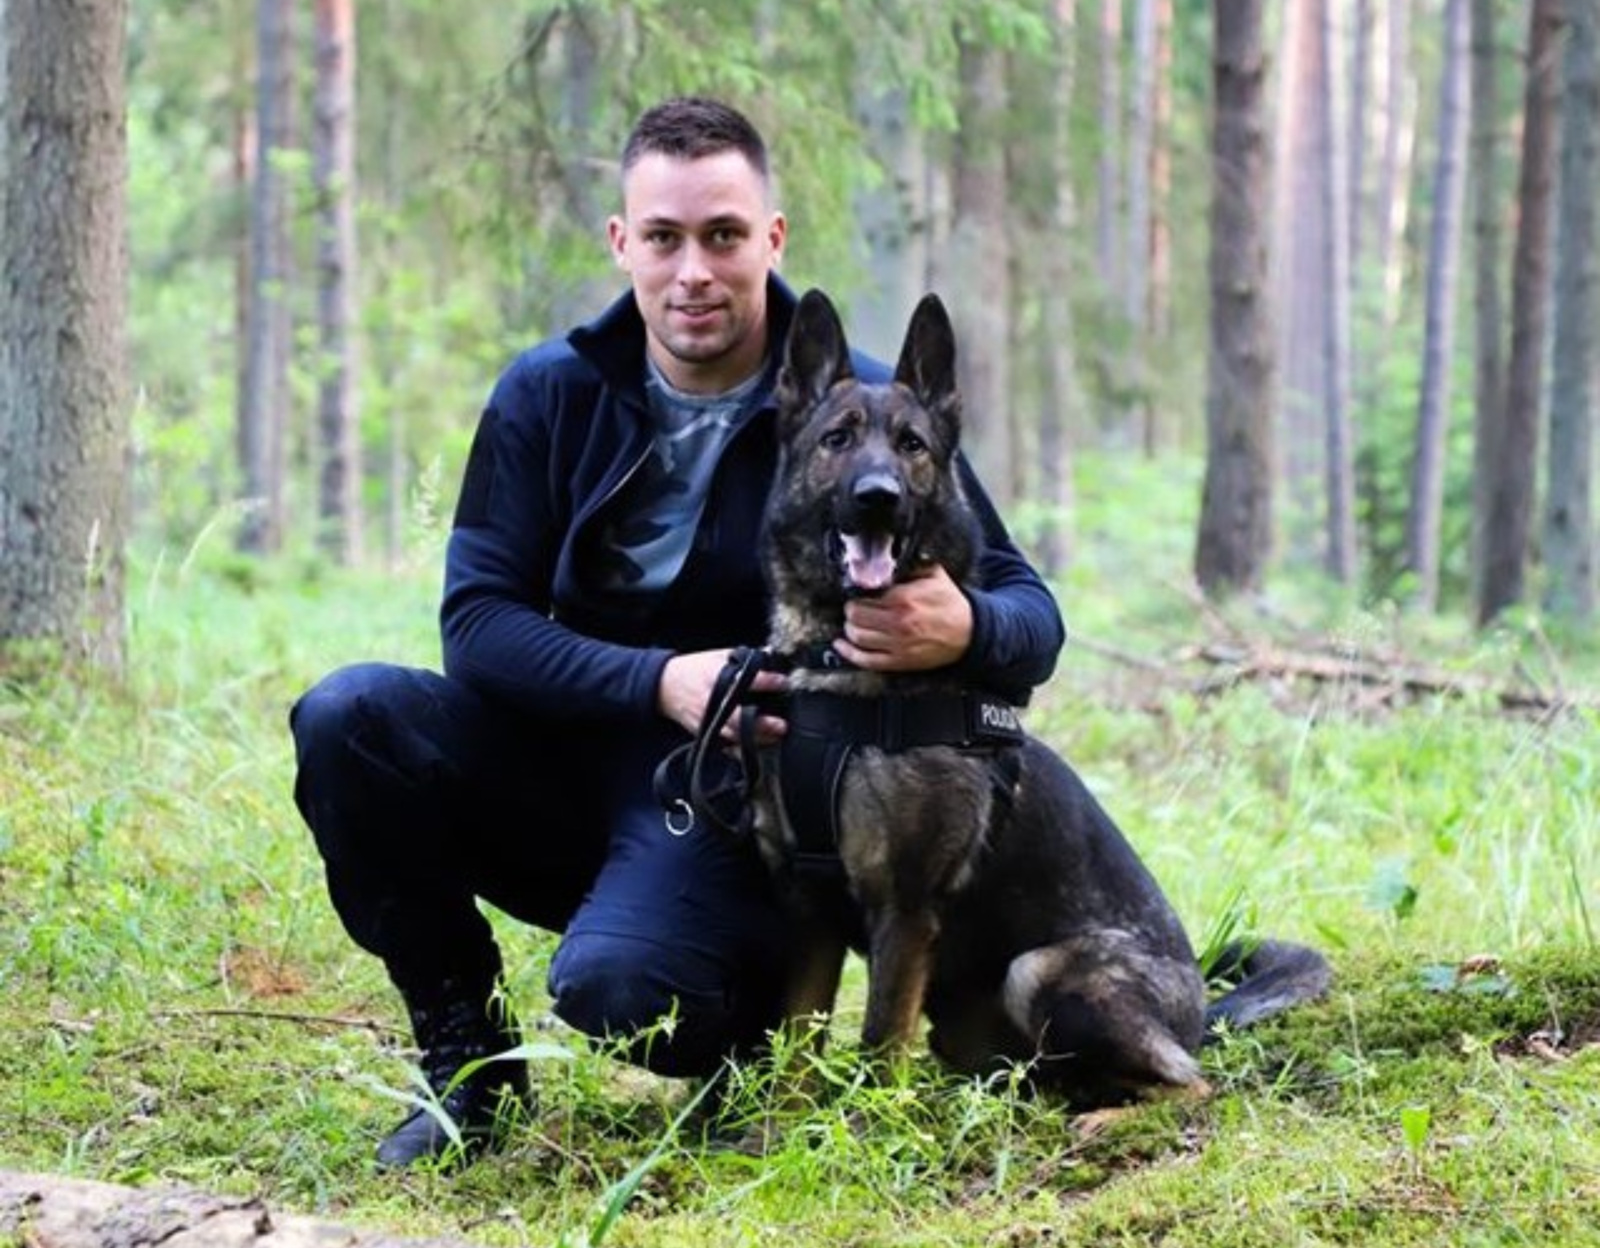 Policijos pareigūnai su tarnybiniu šunimi išgelbėjo miške paklydusią moterį